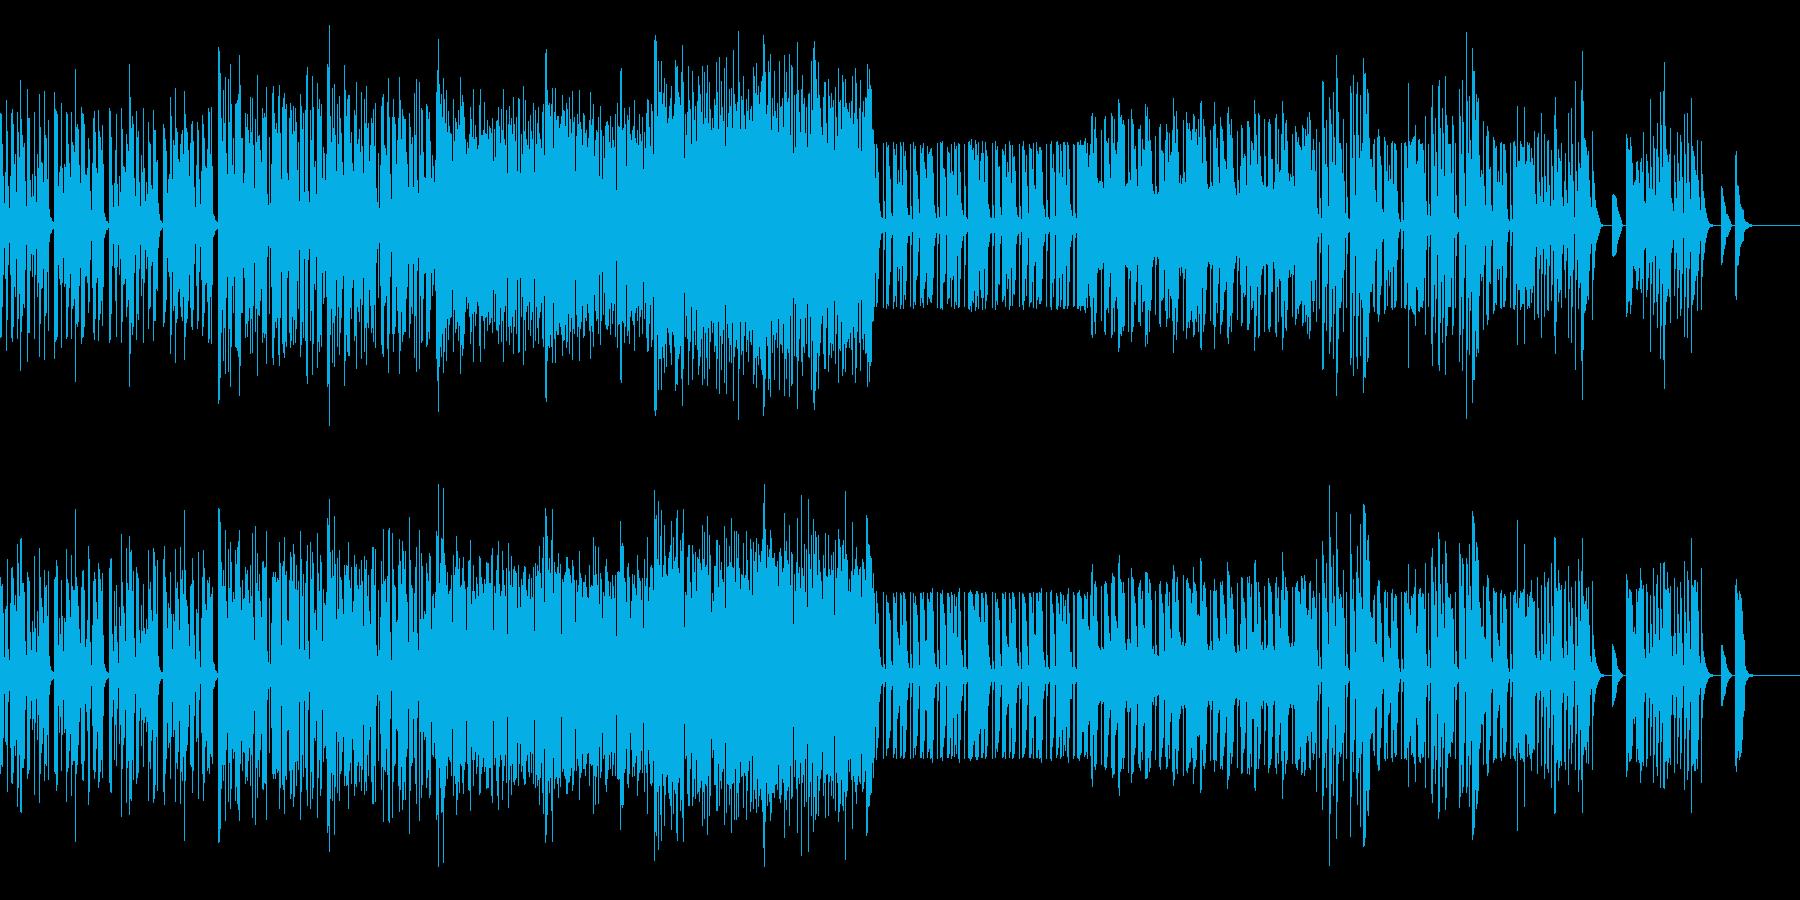 怪しい雰囲気のテクノの再生済みの波形